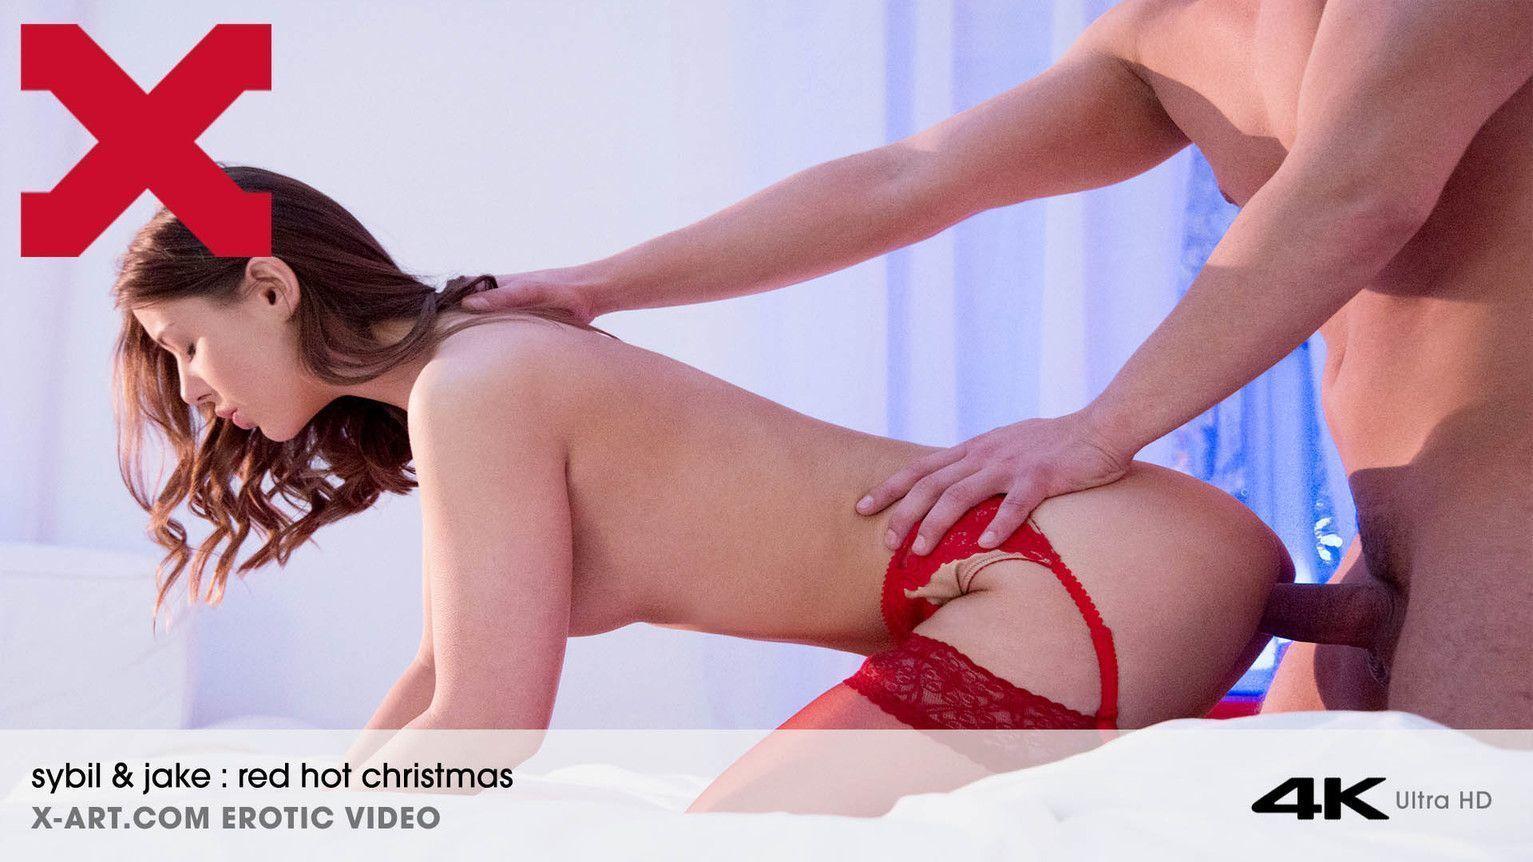 UNCENSORED [x-Art]2017-12-23 Red Hot Christmas, AV uncensored